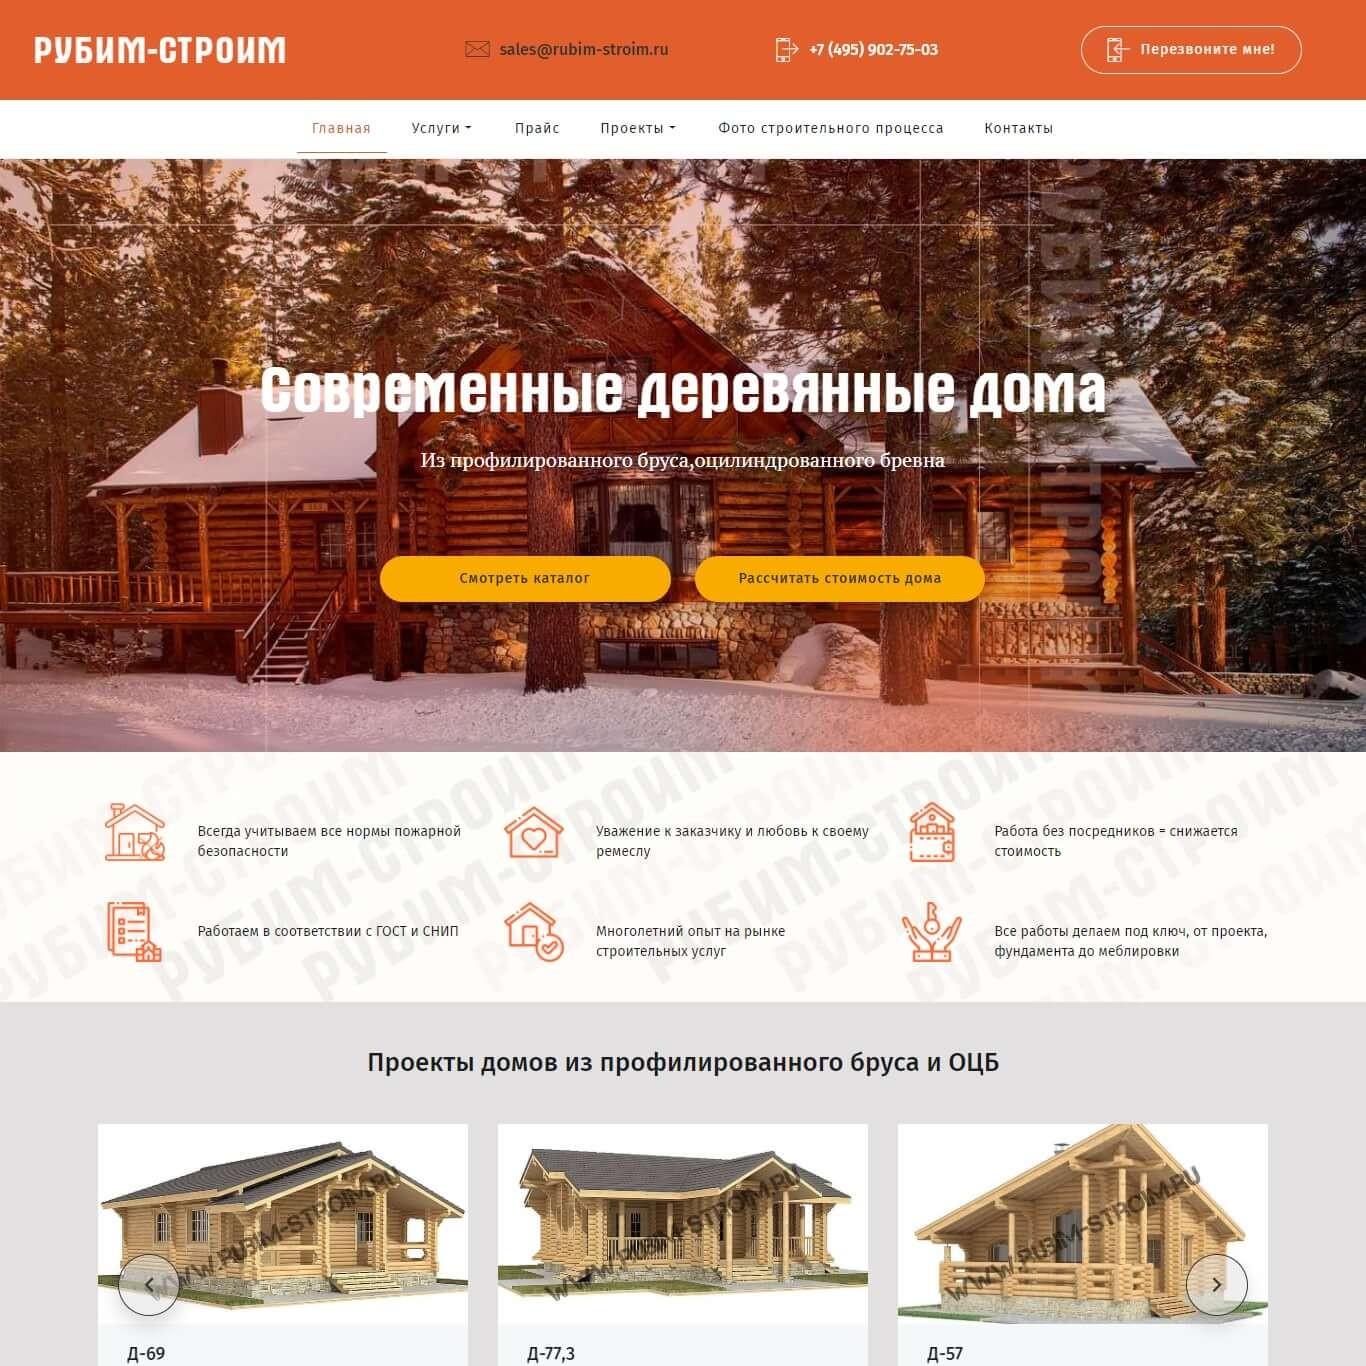 Создание сайта строительной компании в Москве